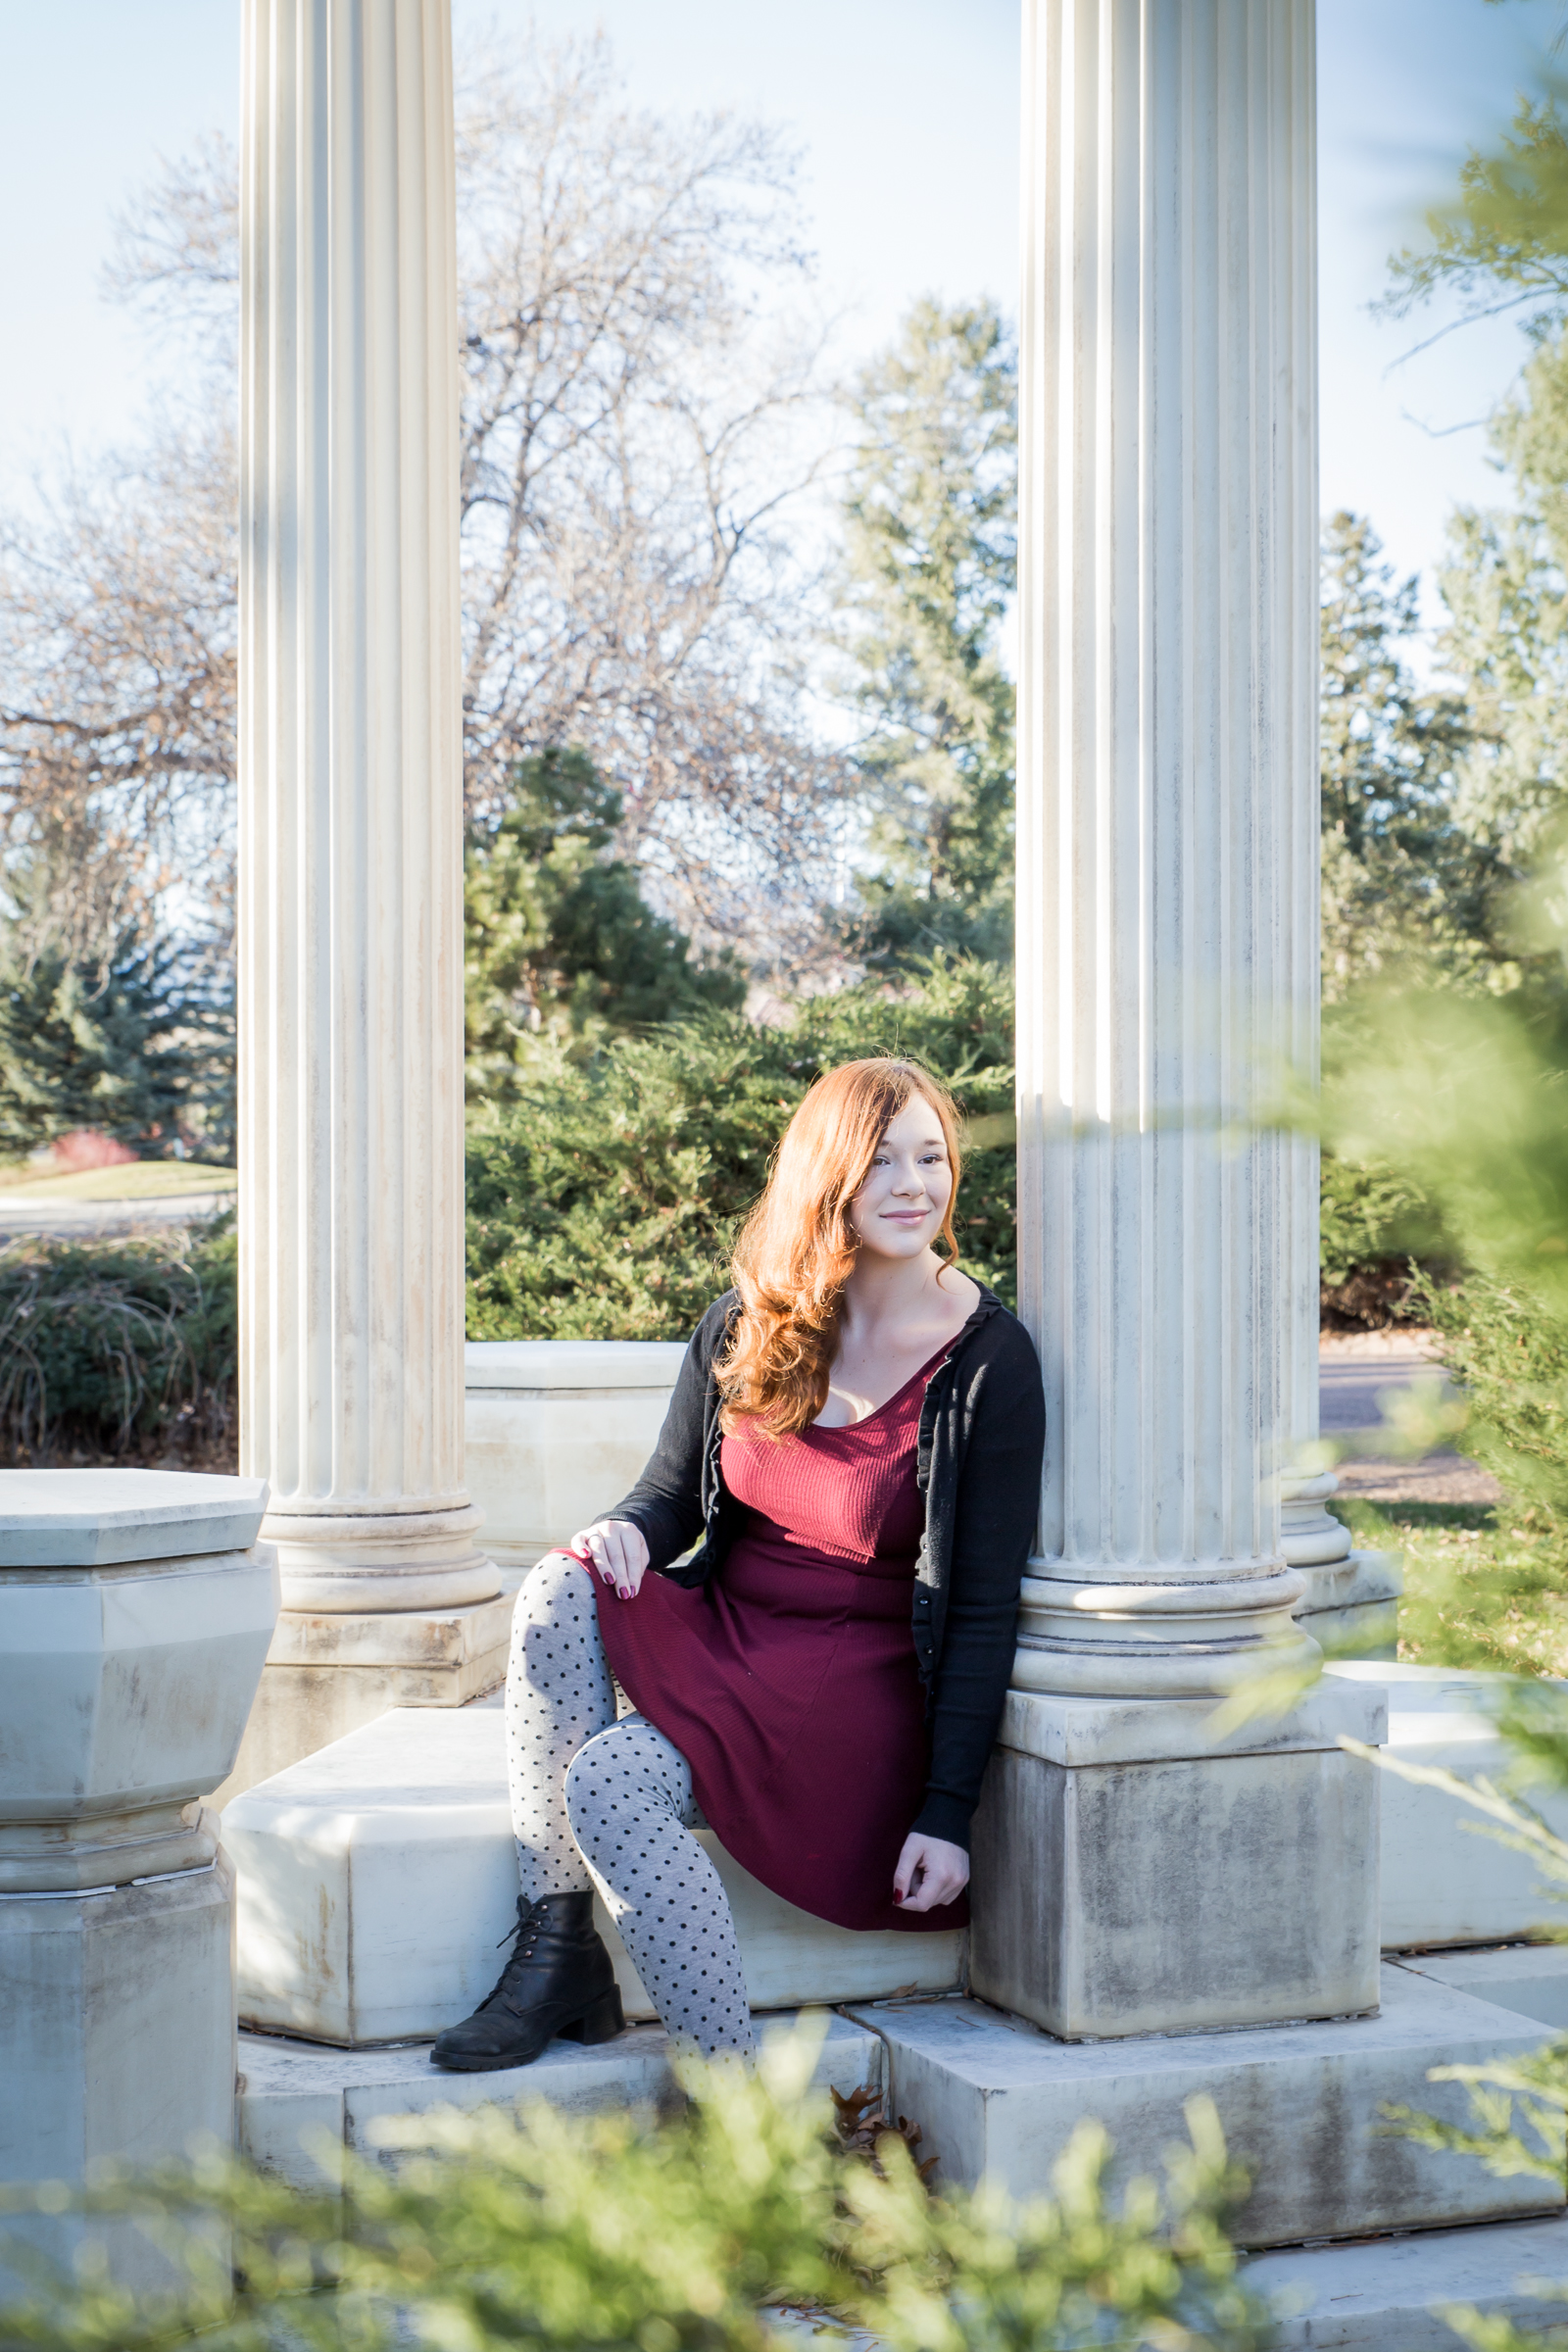 Colorado Spring Senior Portraits | Stacy Carosa Photography | Colorado Springs Senior Photographer